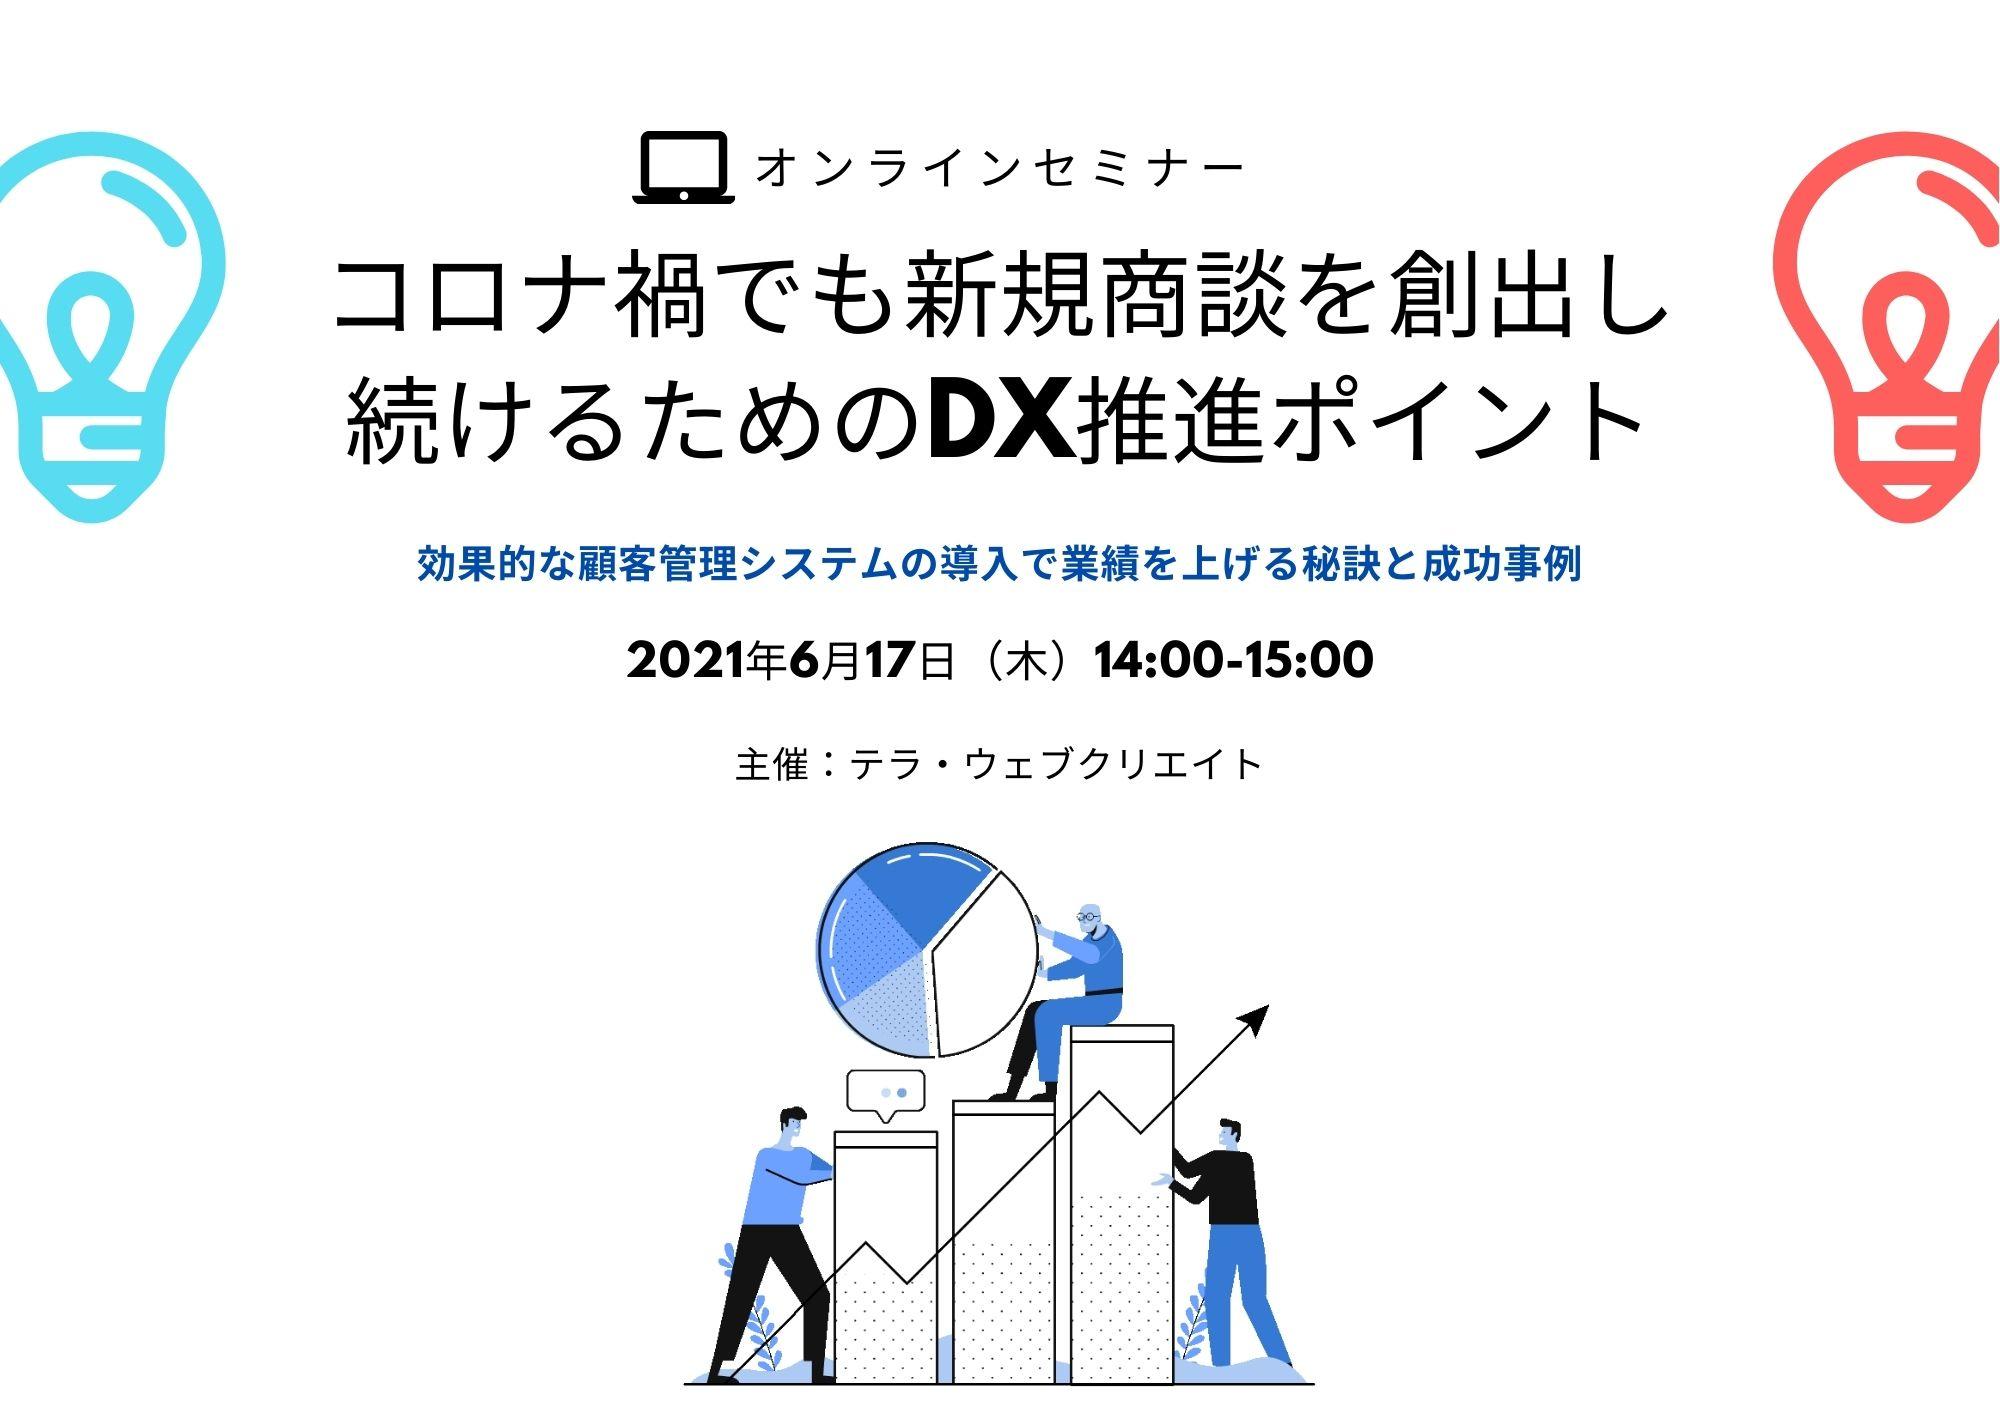 【ウェビナー】6/17(木)コロナ禍でも業績を上げ続けるDX推進ポイント & IT補助金活用